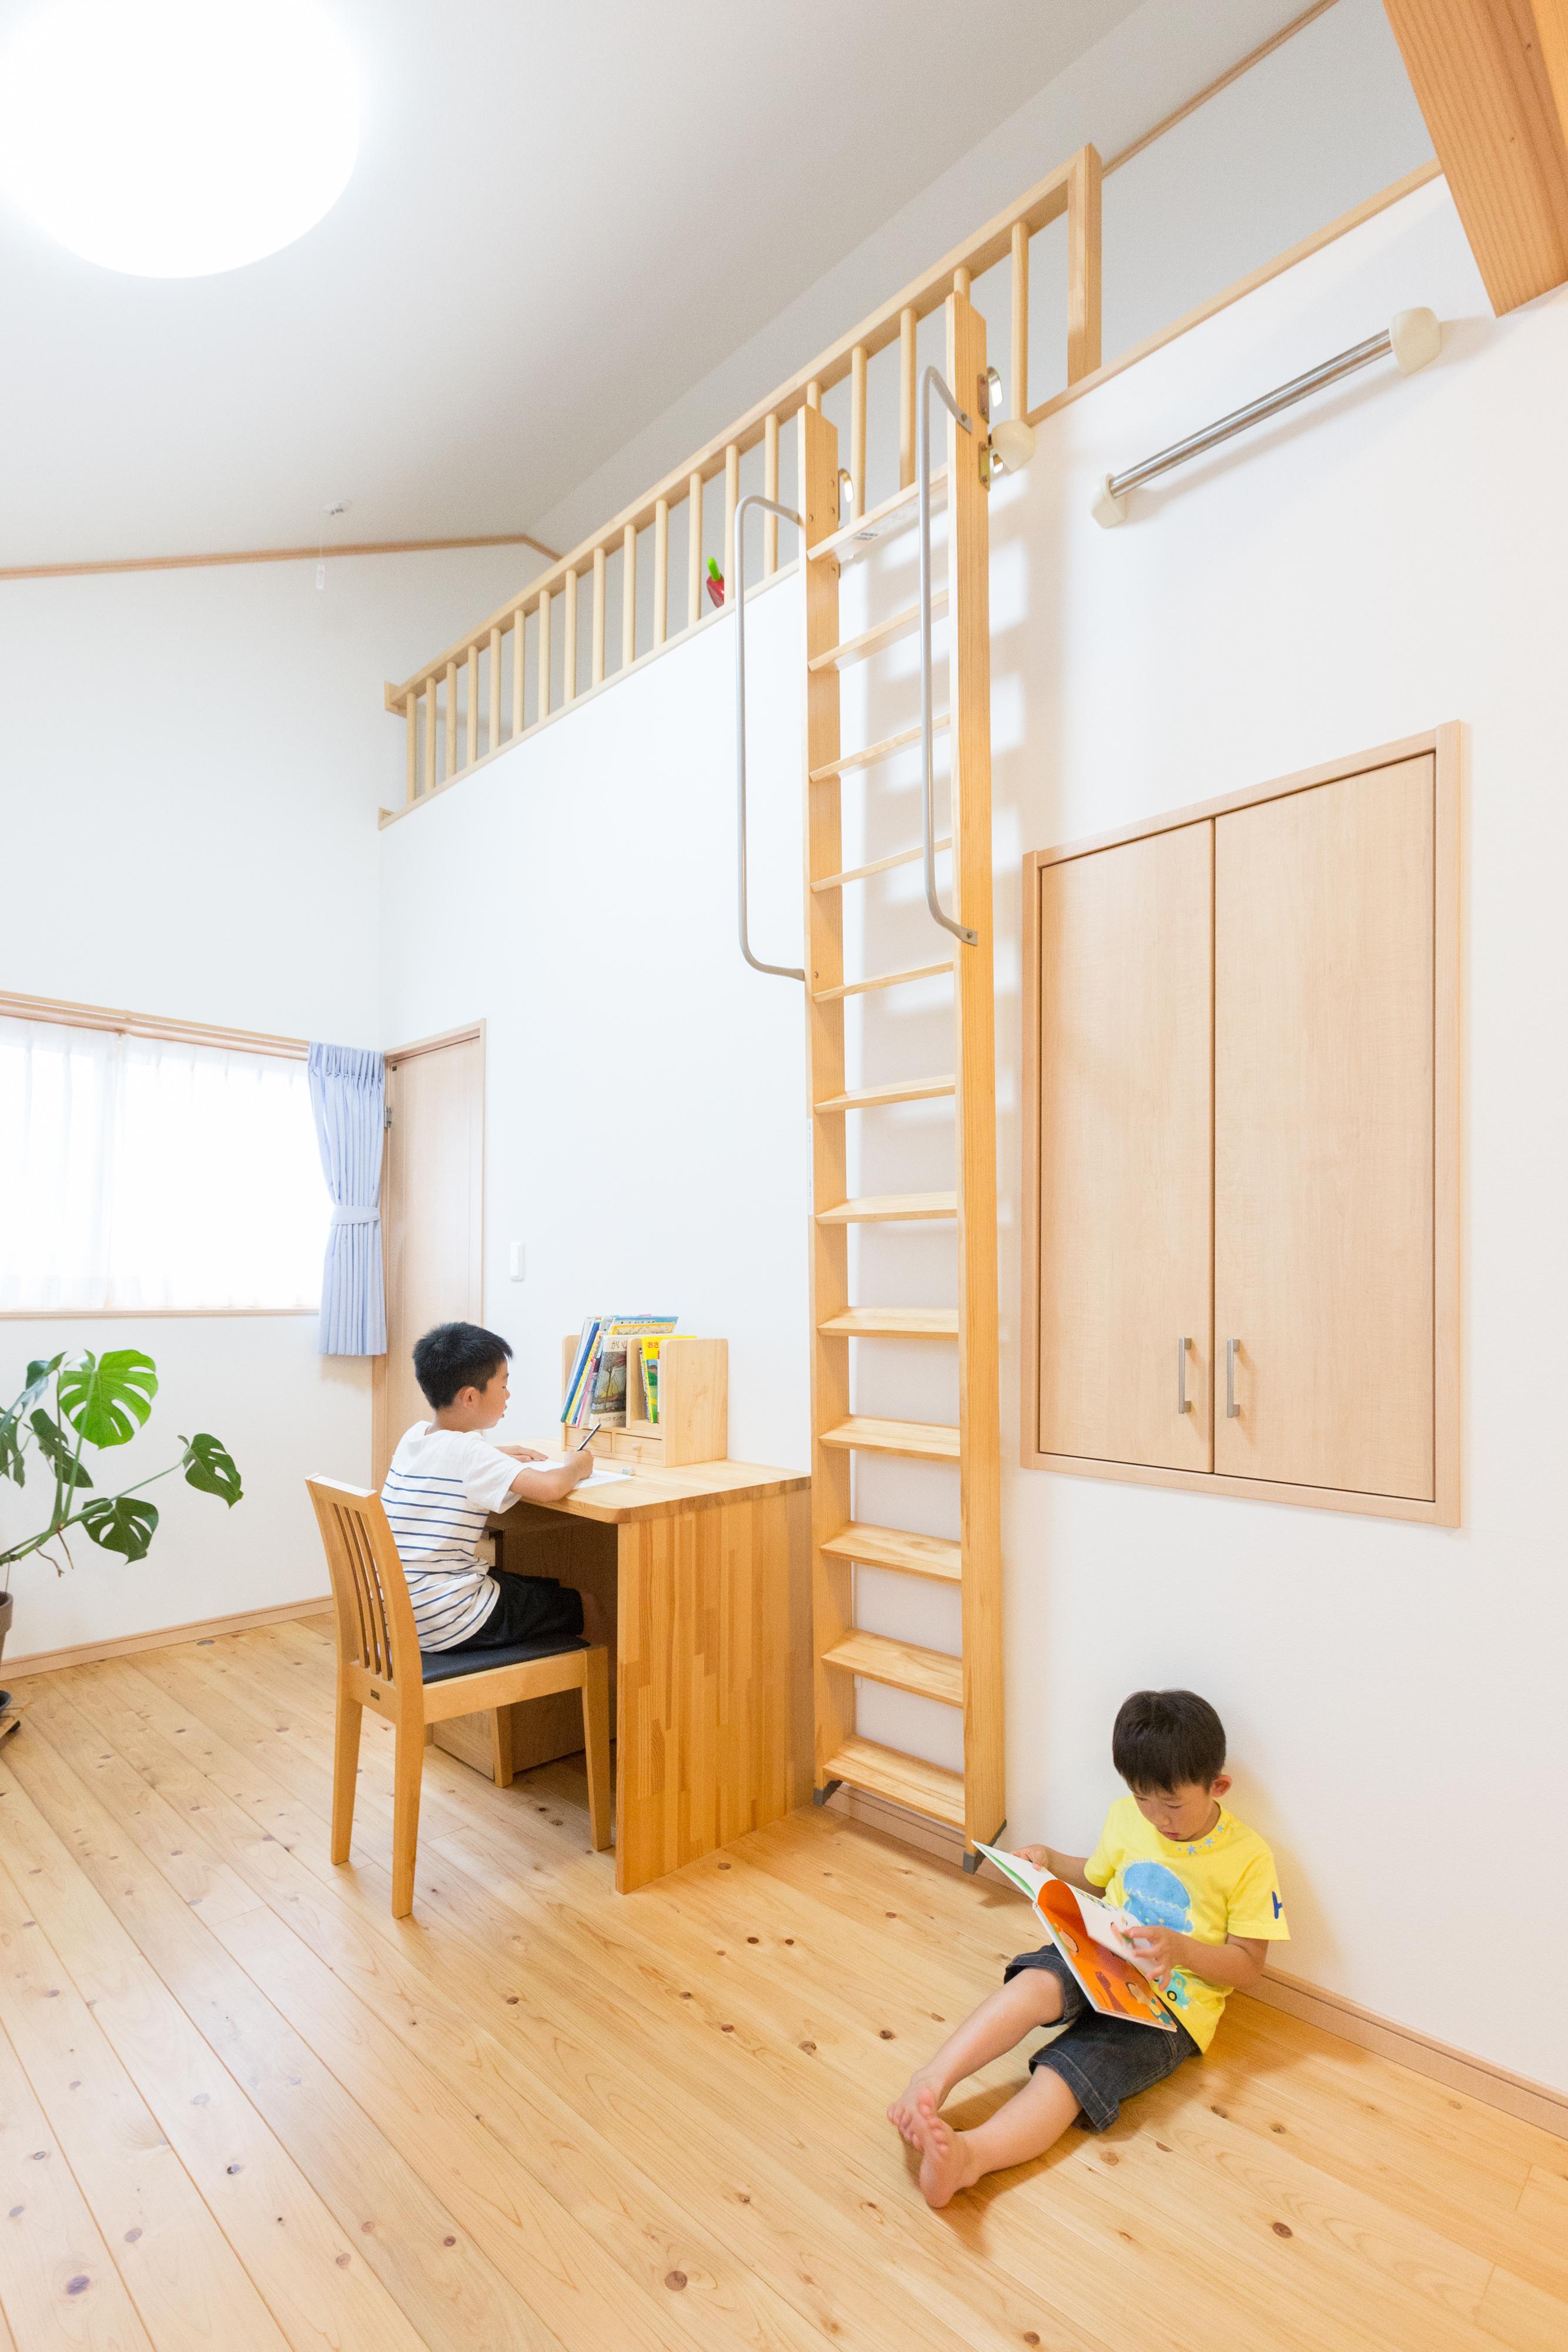 河合工務店【子育て、自然素材、狭小住宅】子ども部屋は造作家具とロフトのある秘密基地のよう。子どもたちものびのびと毎日を過ごせる